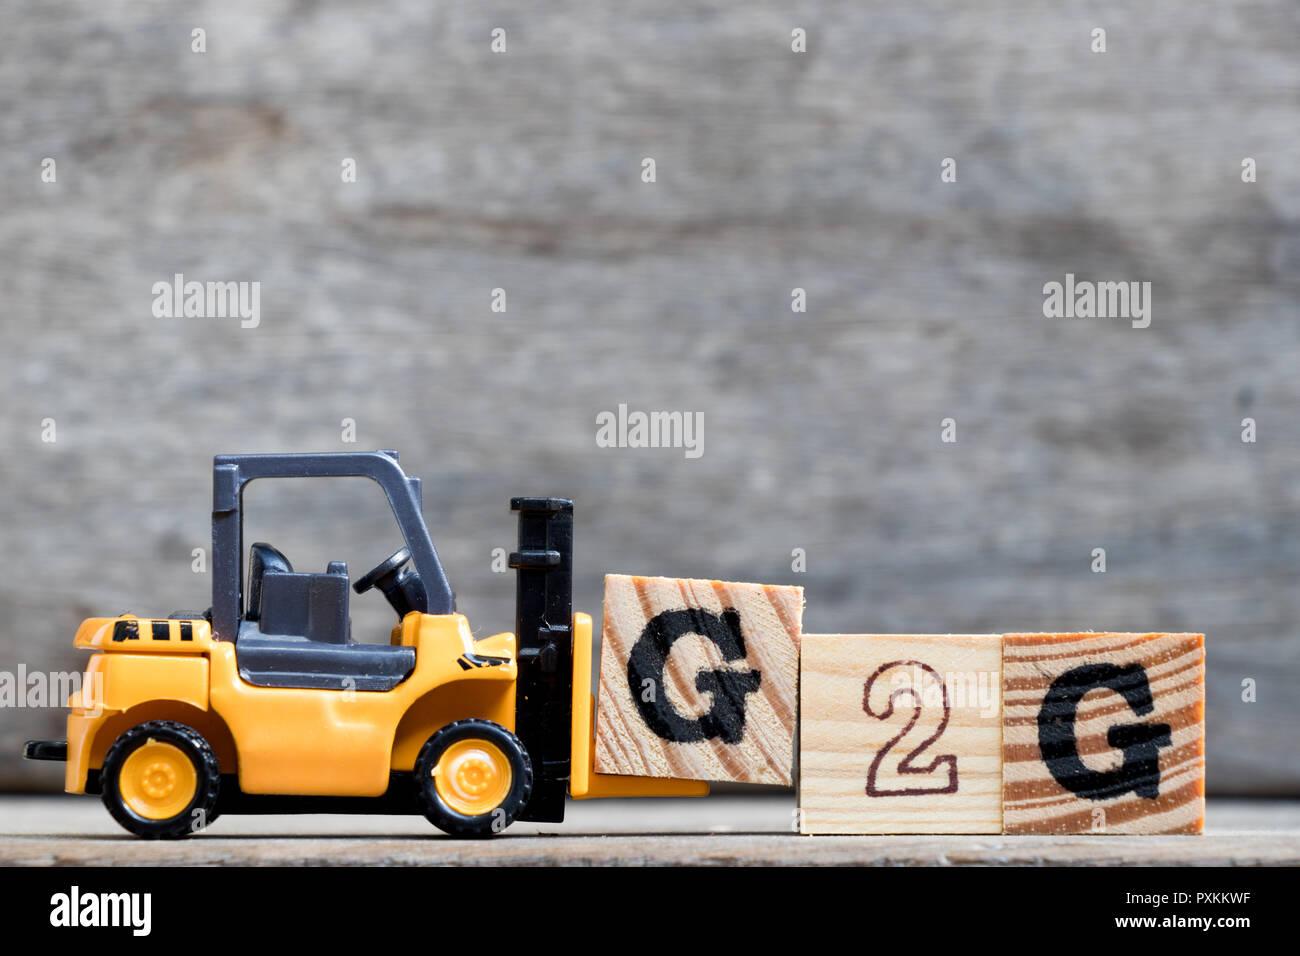 site de rencontres G2G est le carbone radioactif datation exacte